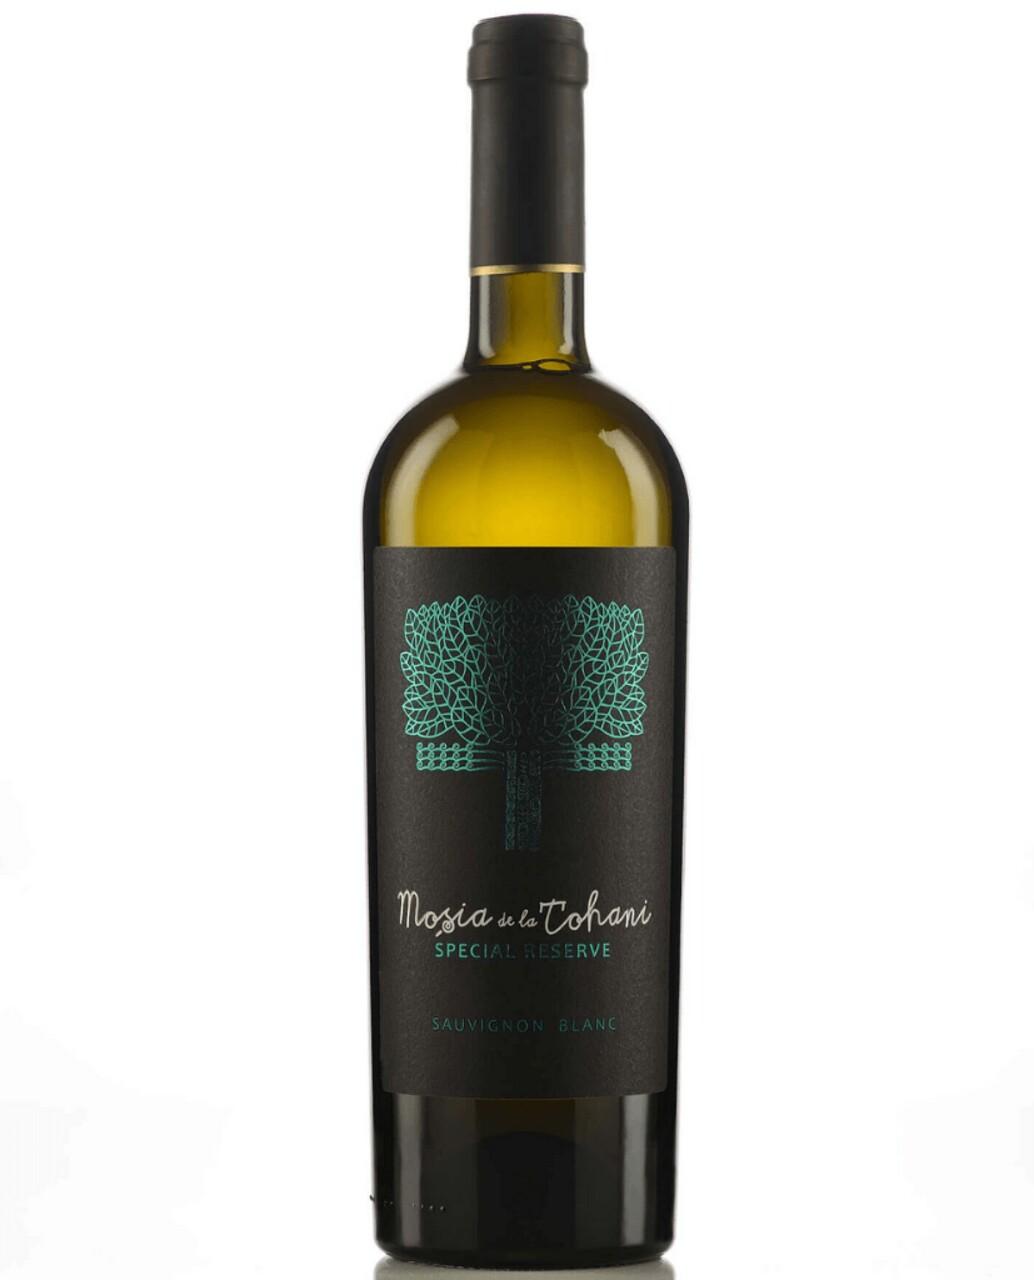 Mosia de la Tohani Special Reserve Sauvignon Blanc